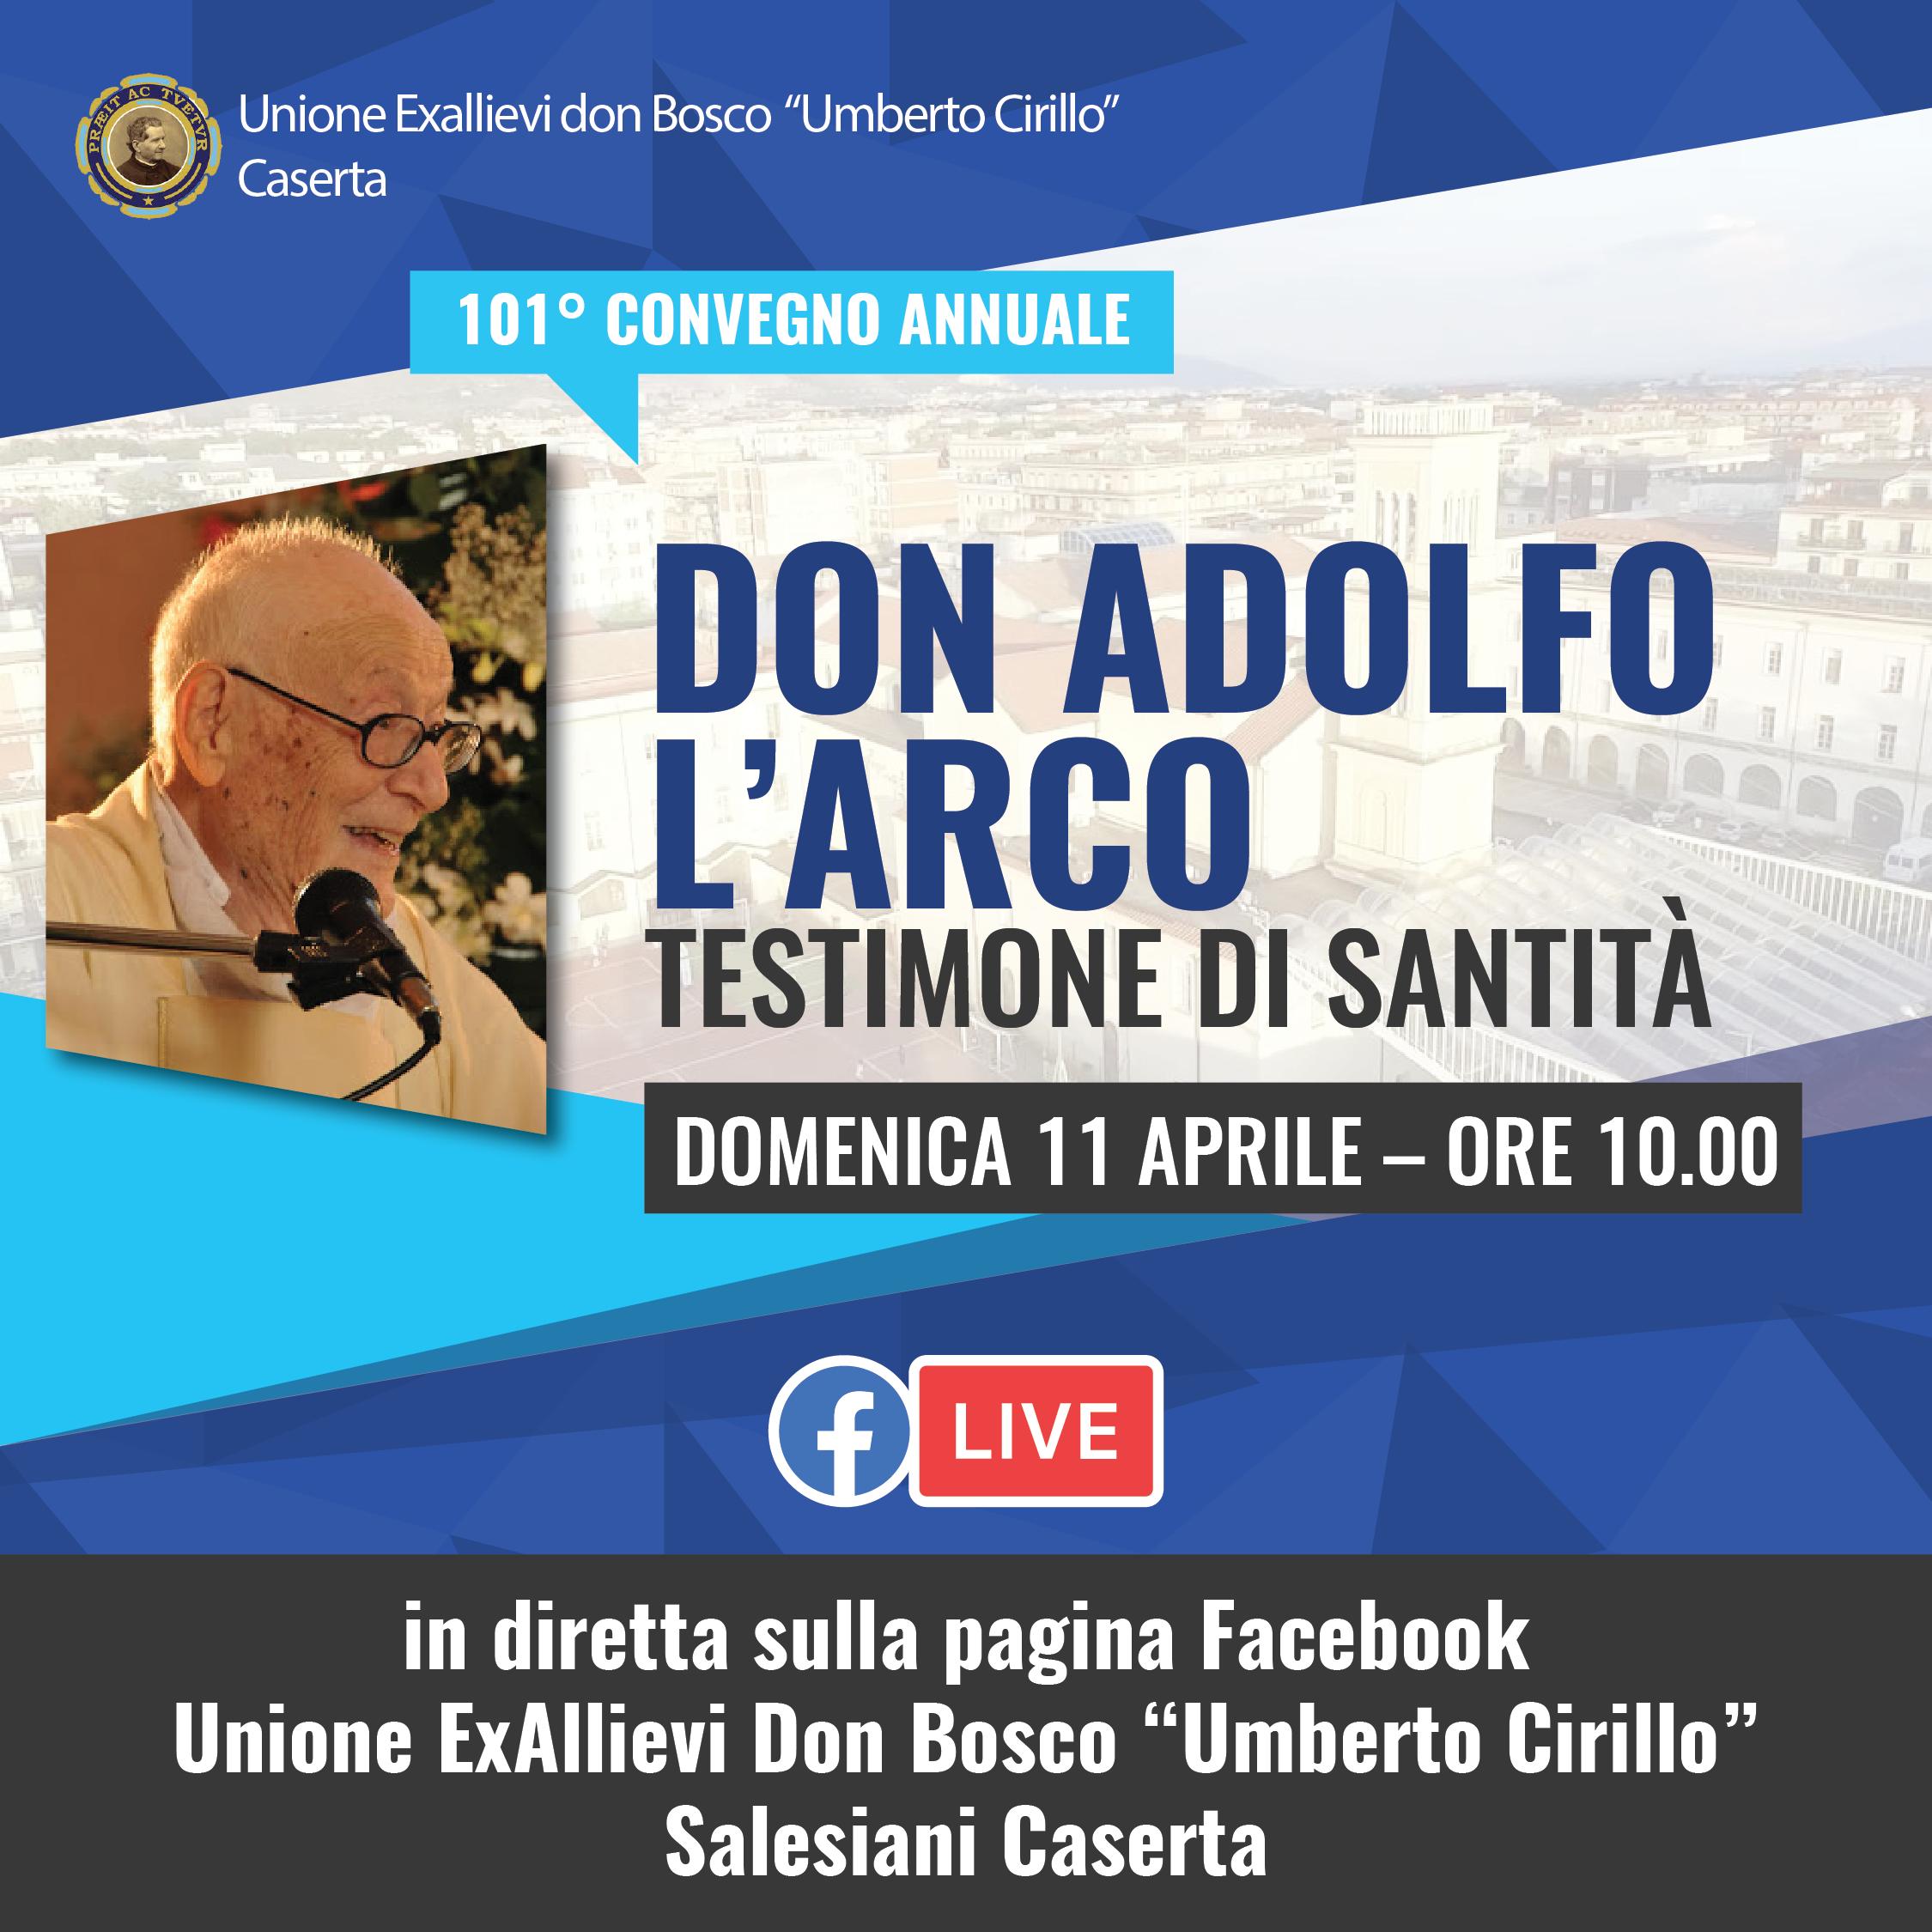 convegno quadrato social UNIONE EXALLIEVI DON BOSCO DI CASERTA, 101° CONVEGNO ONLINE: DON ADOLFO L'ARCO AL CENTRO DELL'INCONTRO